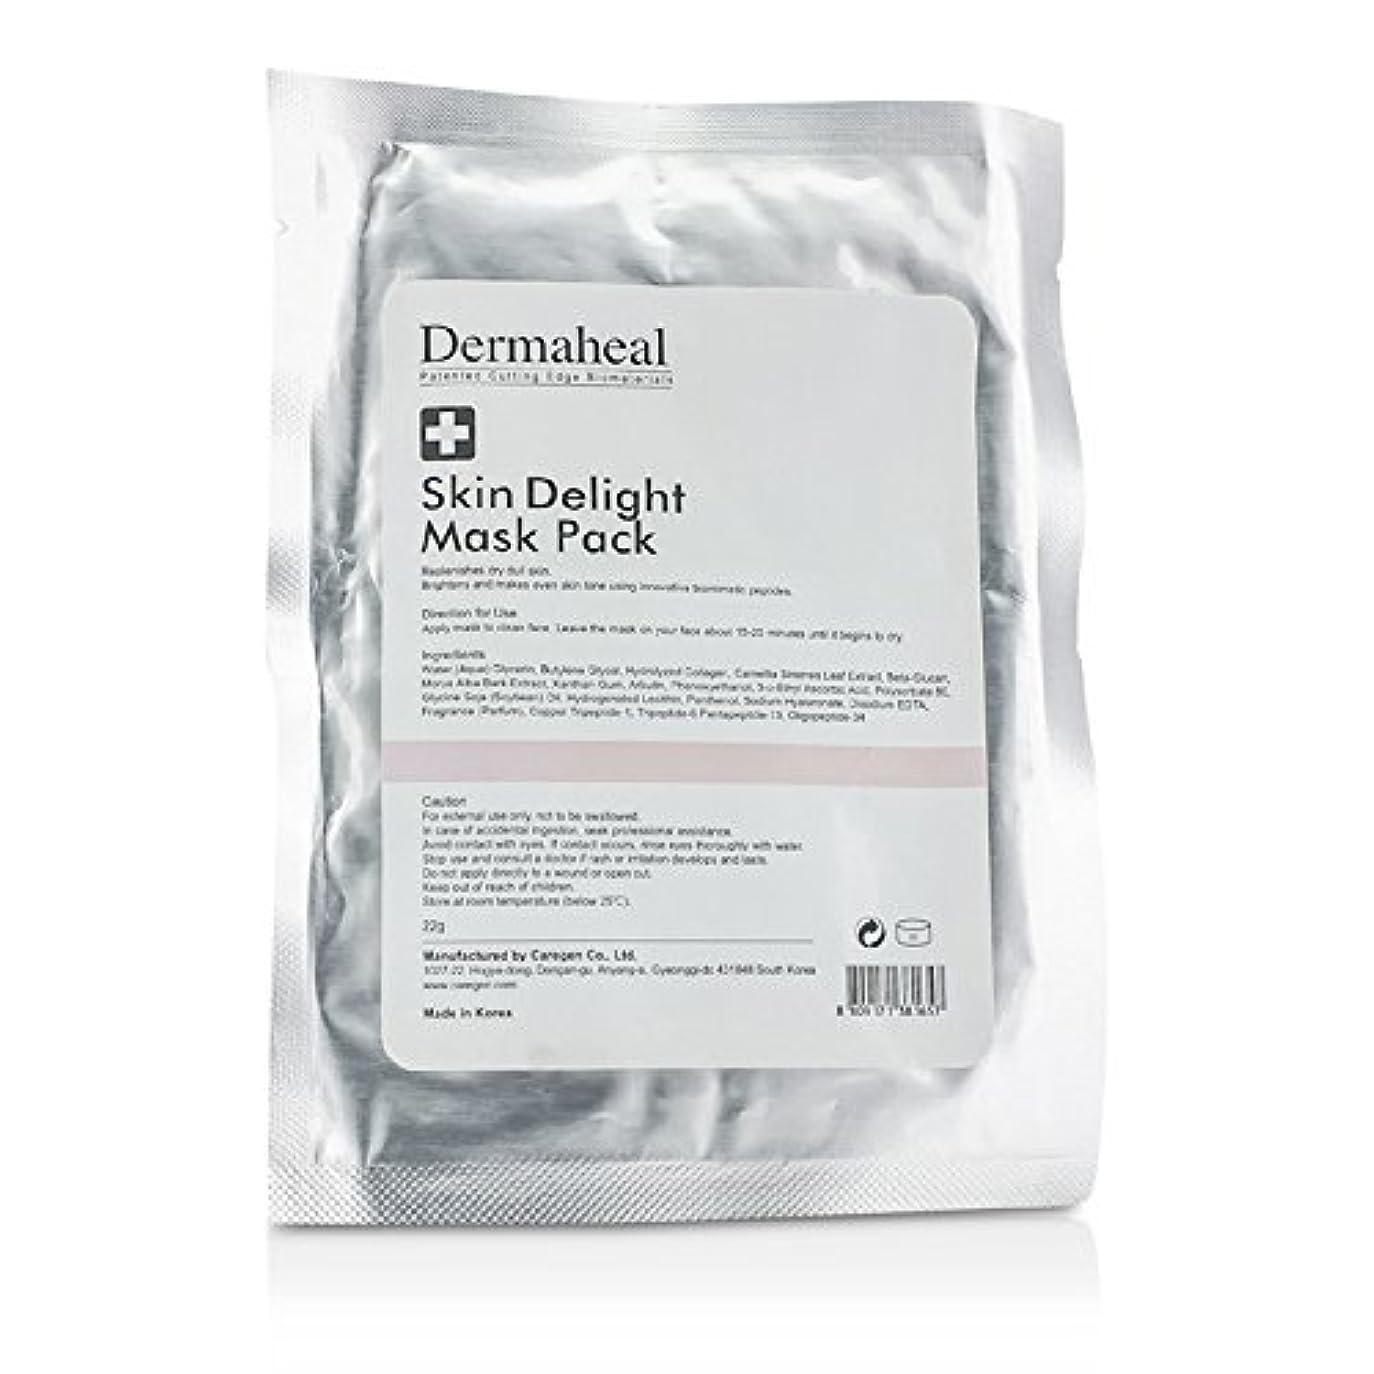 ダーマヒール Skin Delight Mask Pack 22g/0.7oz並行輸入品